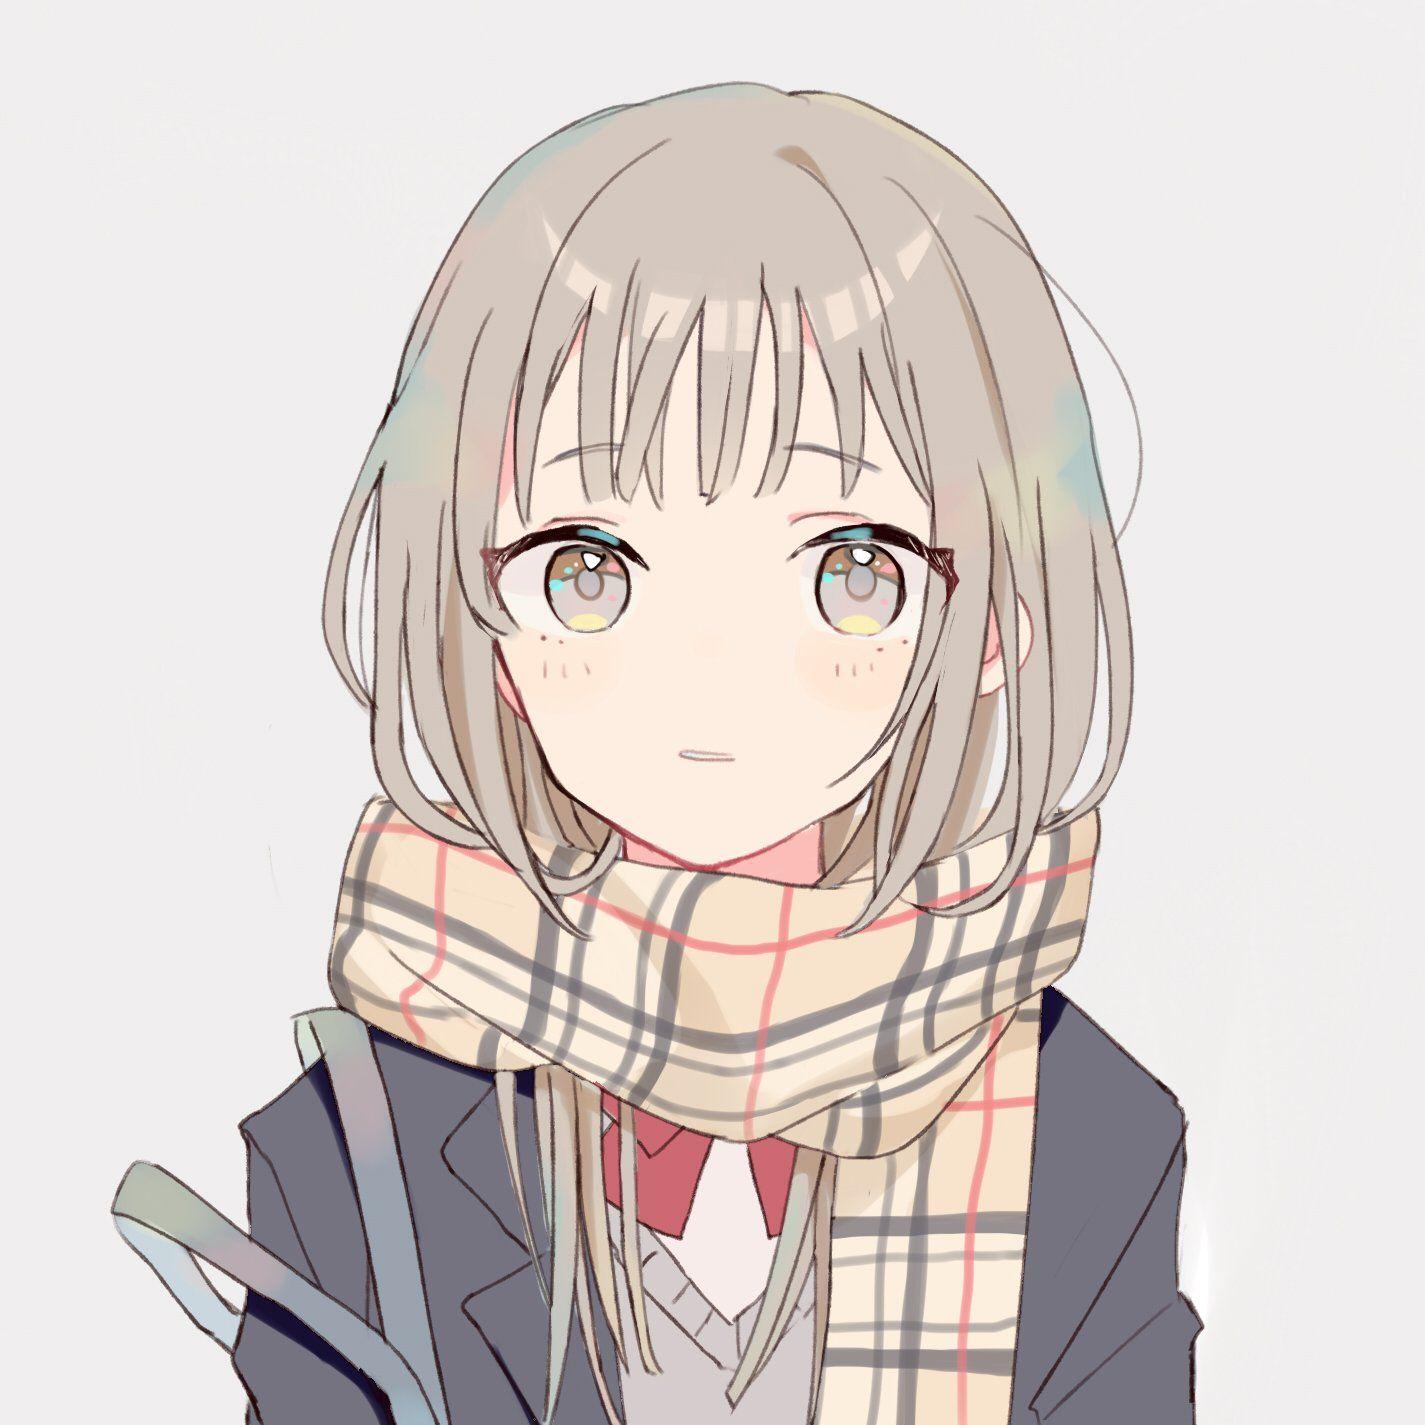 ゆゆ on Twitter: